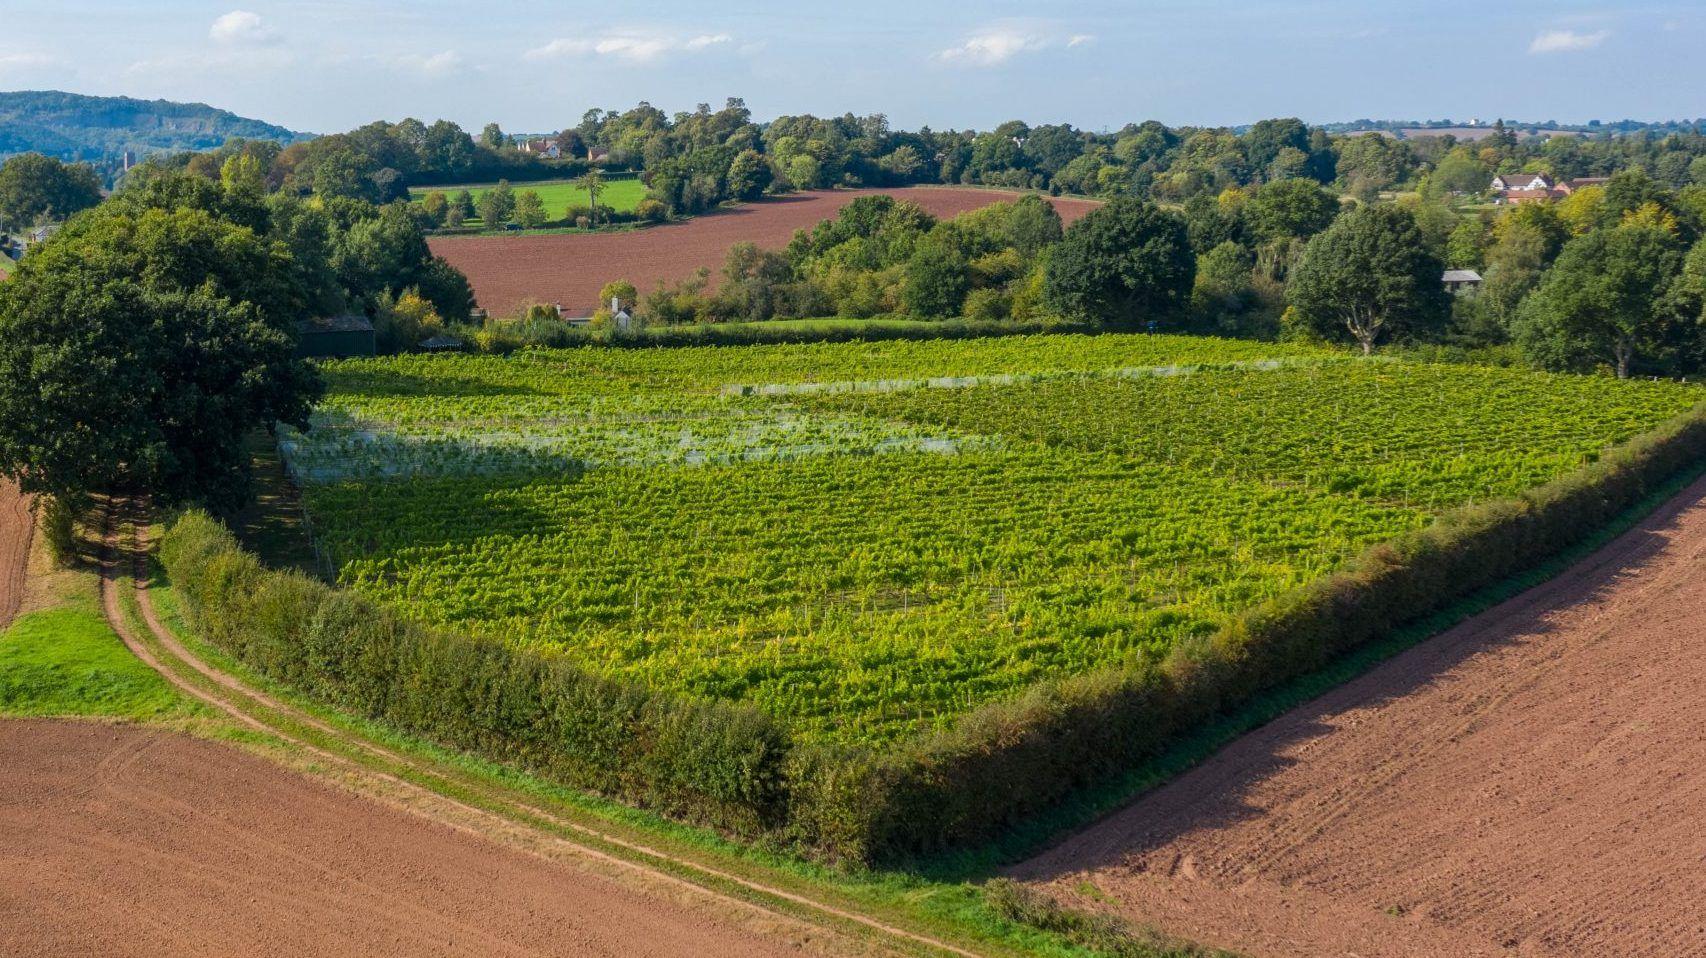 Drone image of Astley Vineyard taken in 2020